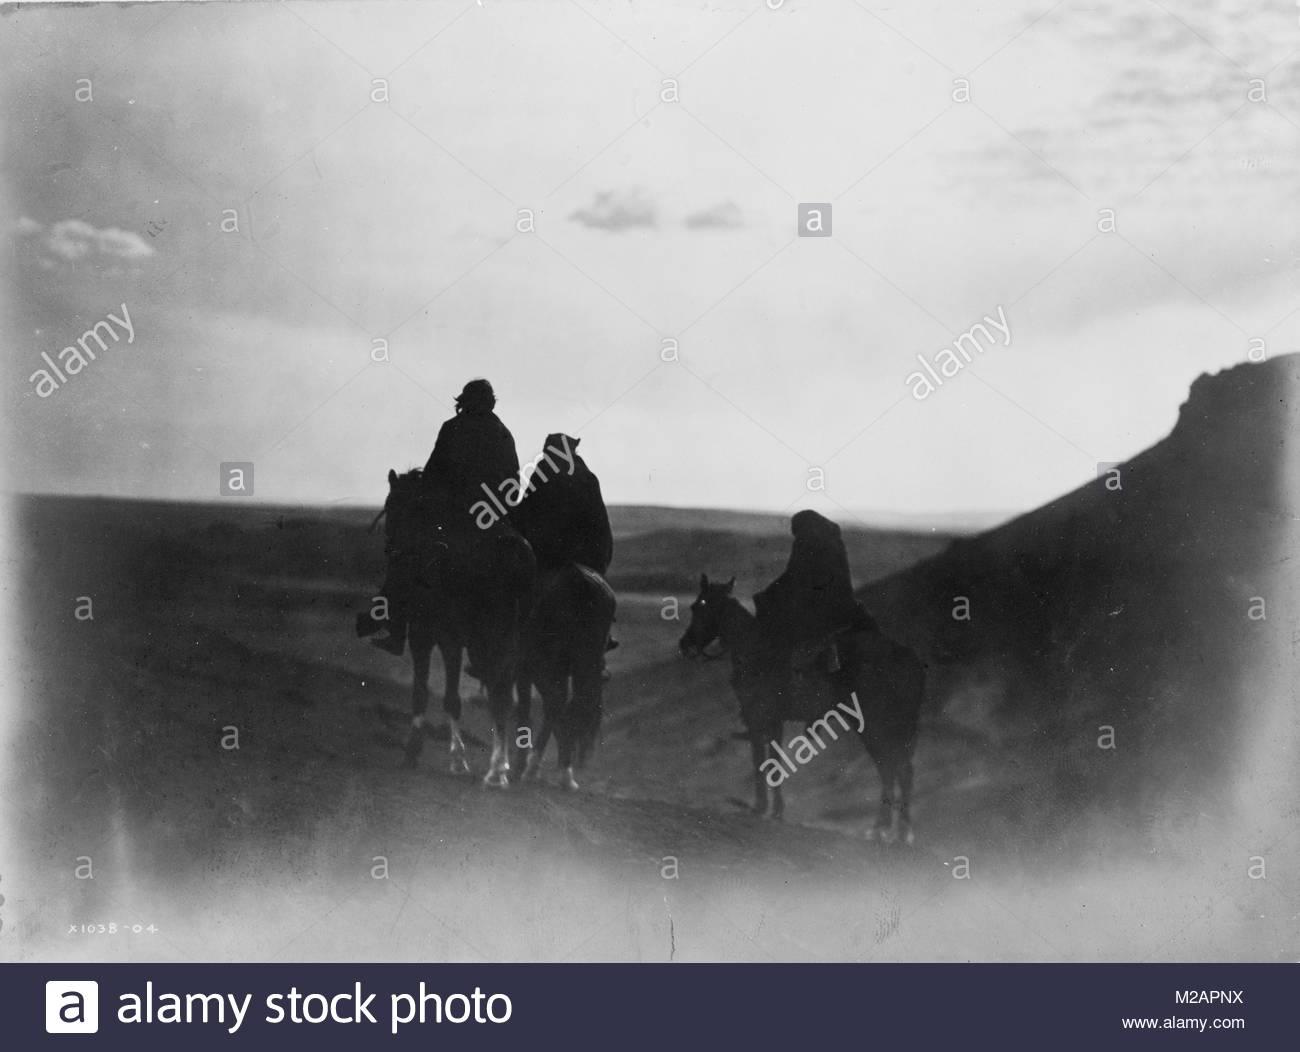 Three Navaho Indians on horseback - Stock Image